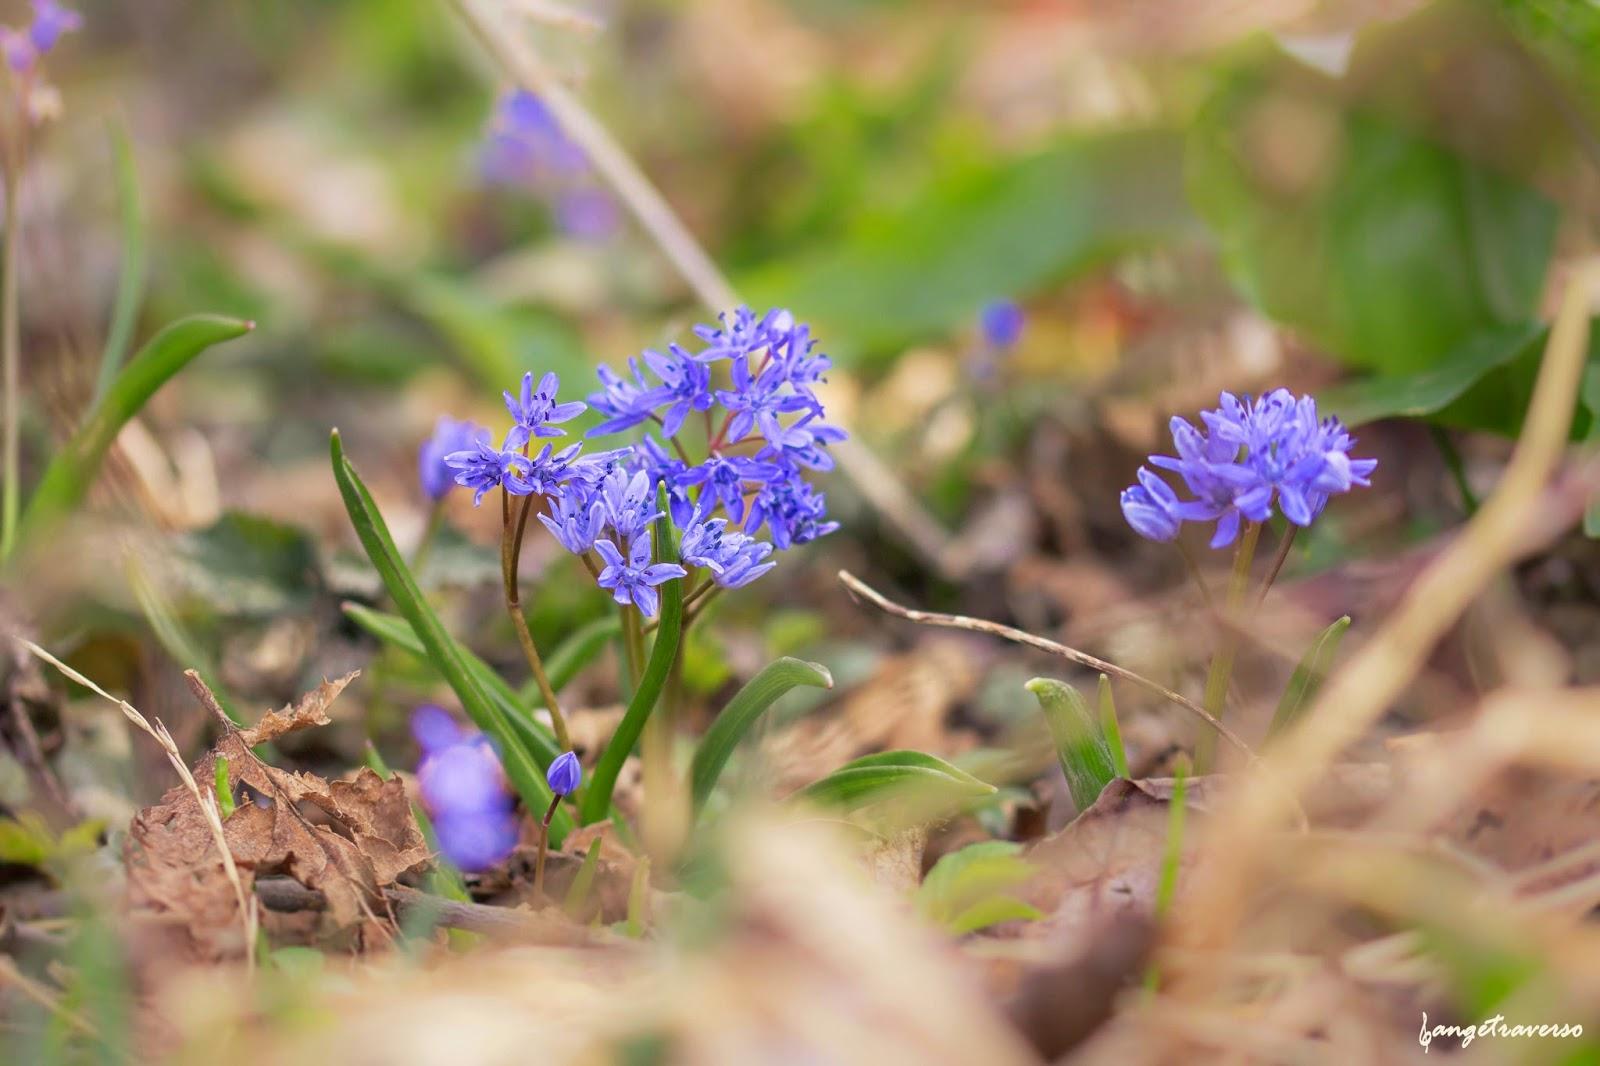 Flore de Haute-Savoie, Rumilly, Rhone-Alpes